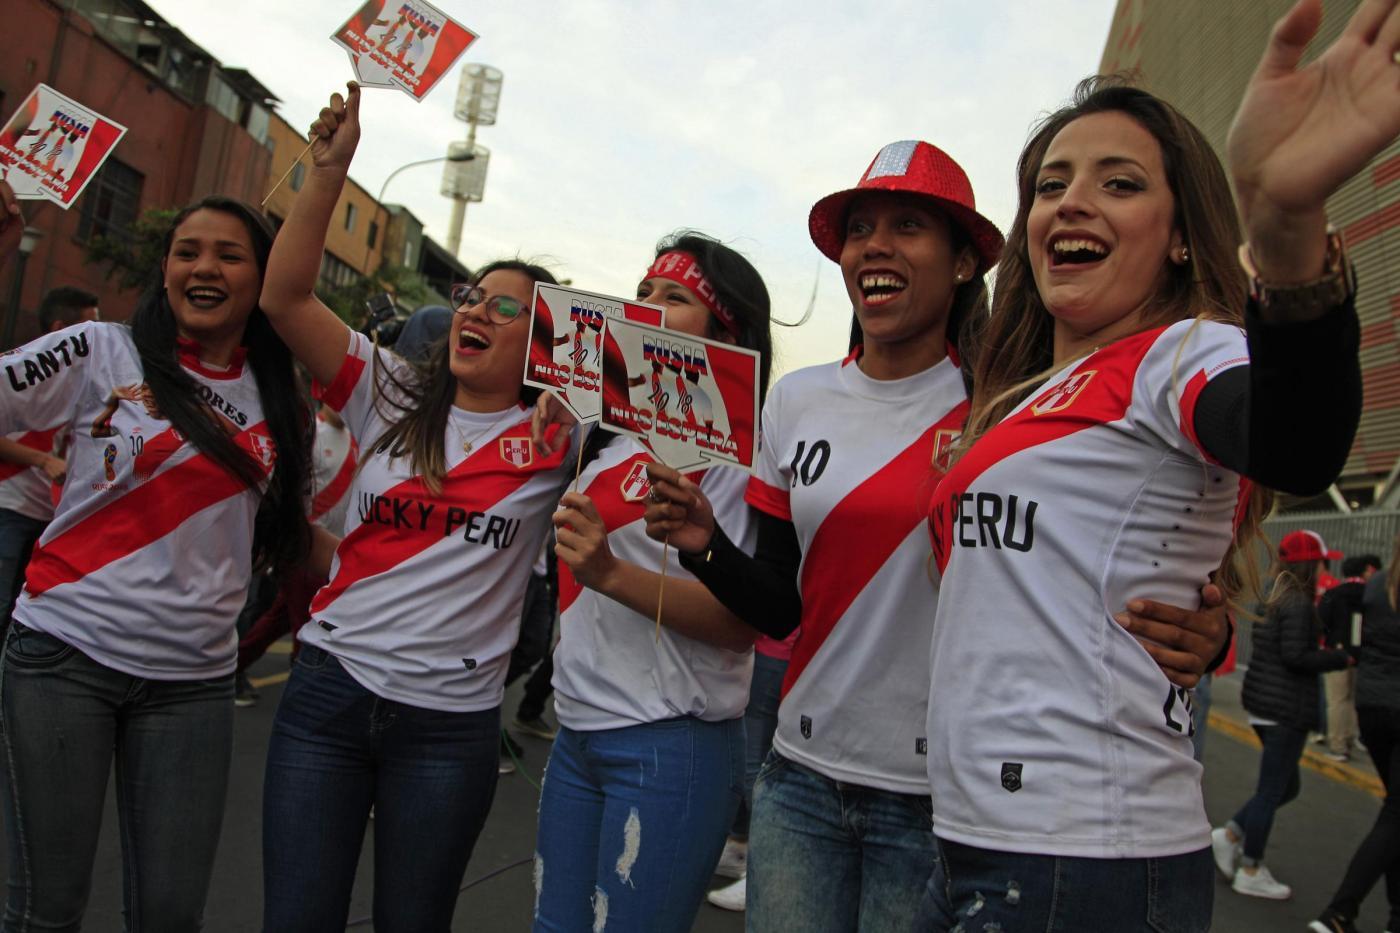 Perù Primera Division martedì 31 luglio. In Perù è tempo della decima giornata di campionato con lo Sport Rosario primo a quota 16